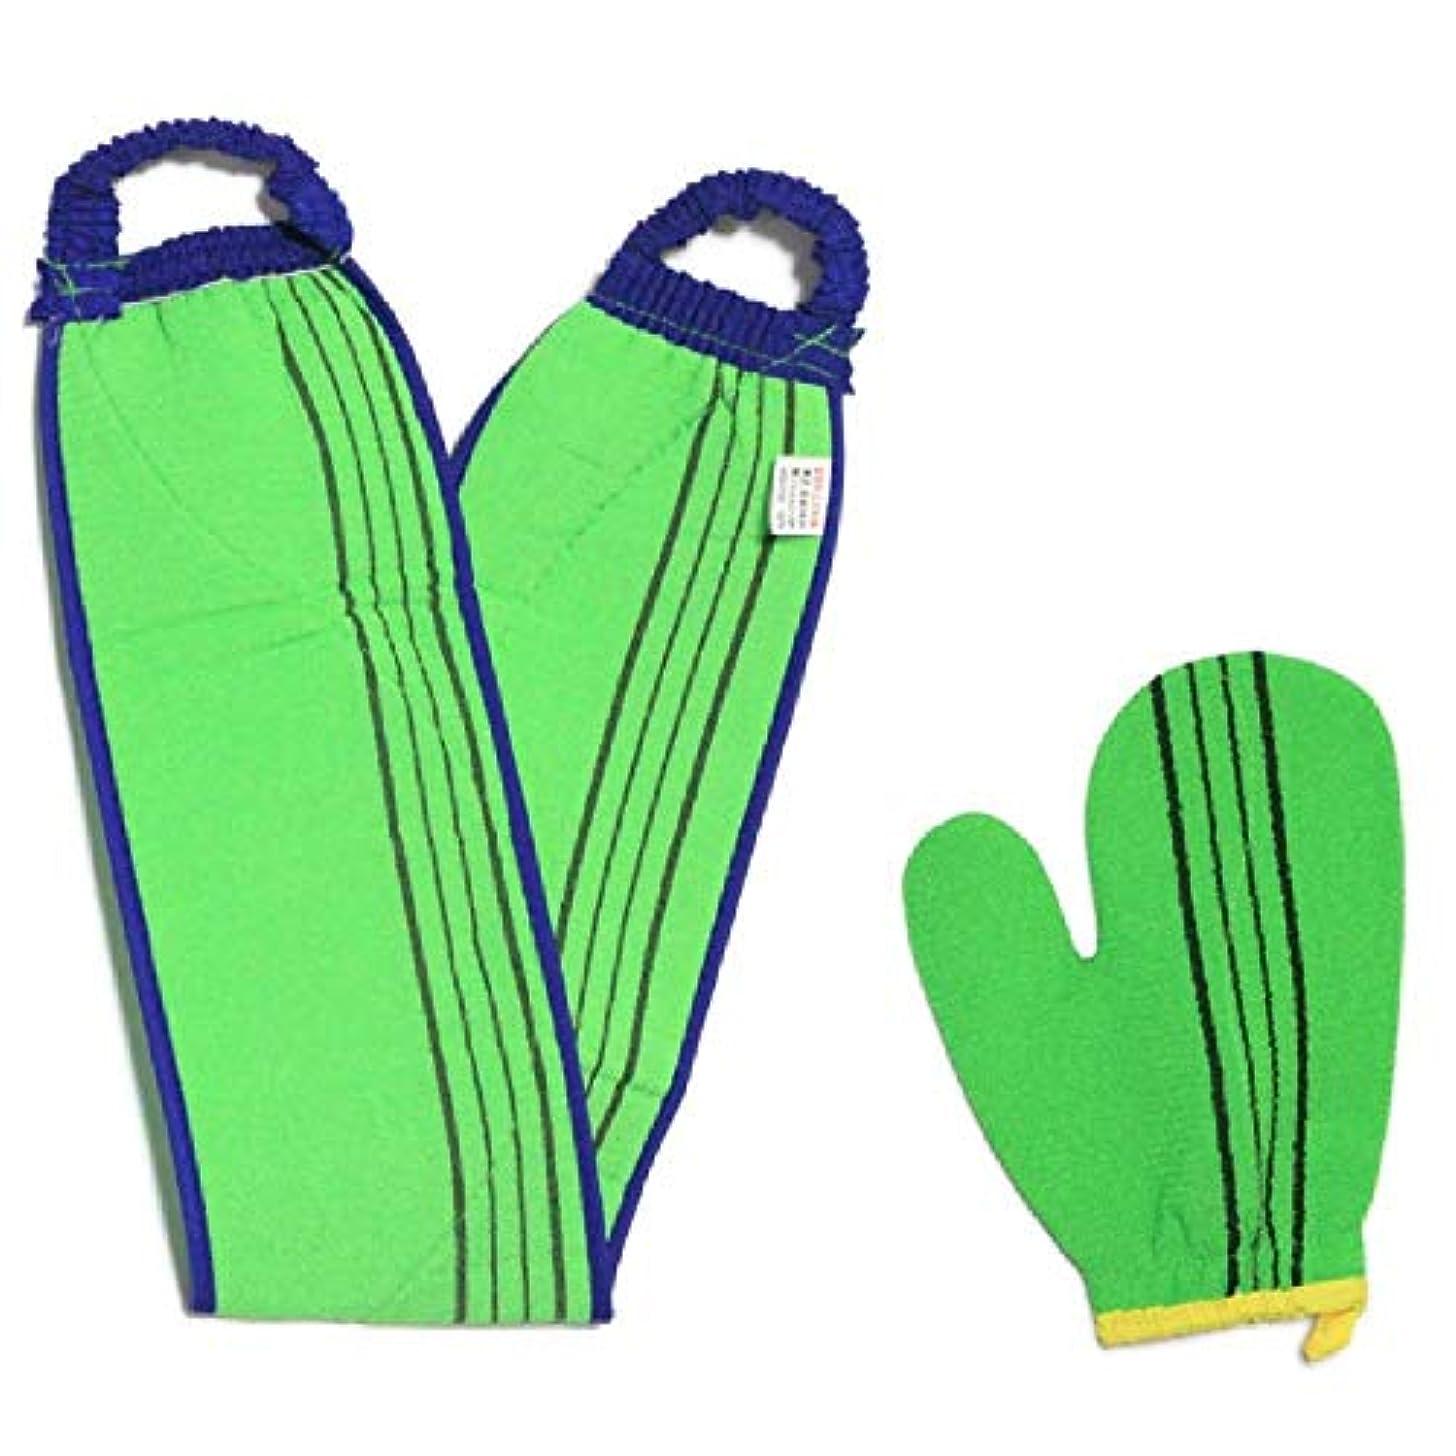 知っているに立ち寄る晩餐テーブル(韓国ブランド)スポンジあかすりセット 全身あかすり 手袋と背中のあかすり 全身エステ 両面つばあかすり お風呂グッズ ボディタオル ボディースポンジ(緑色セット)